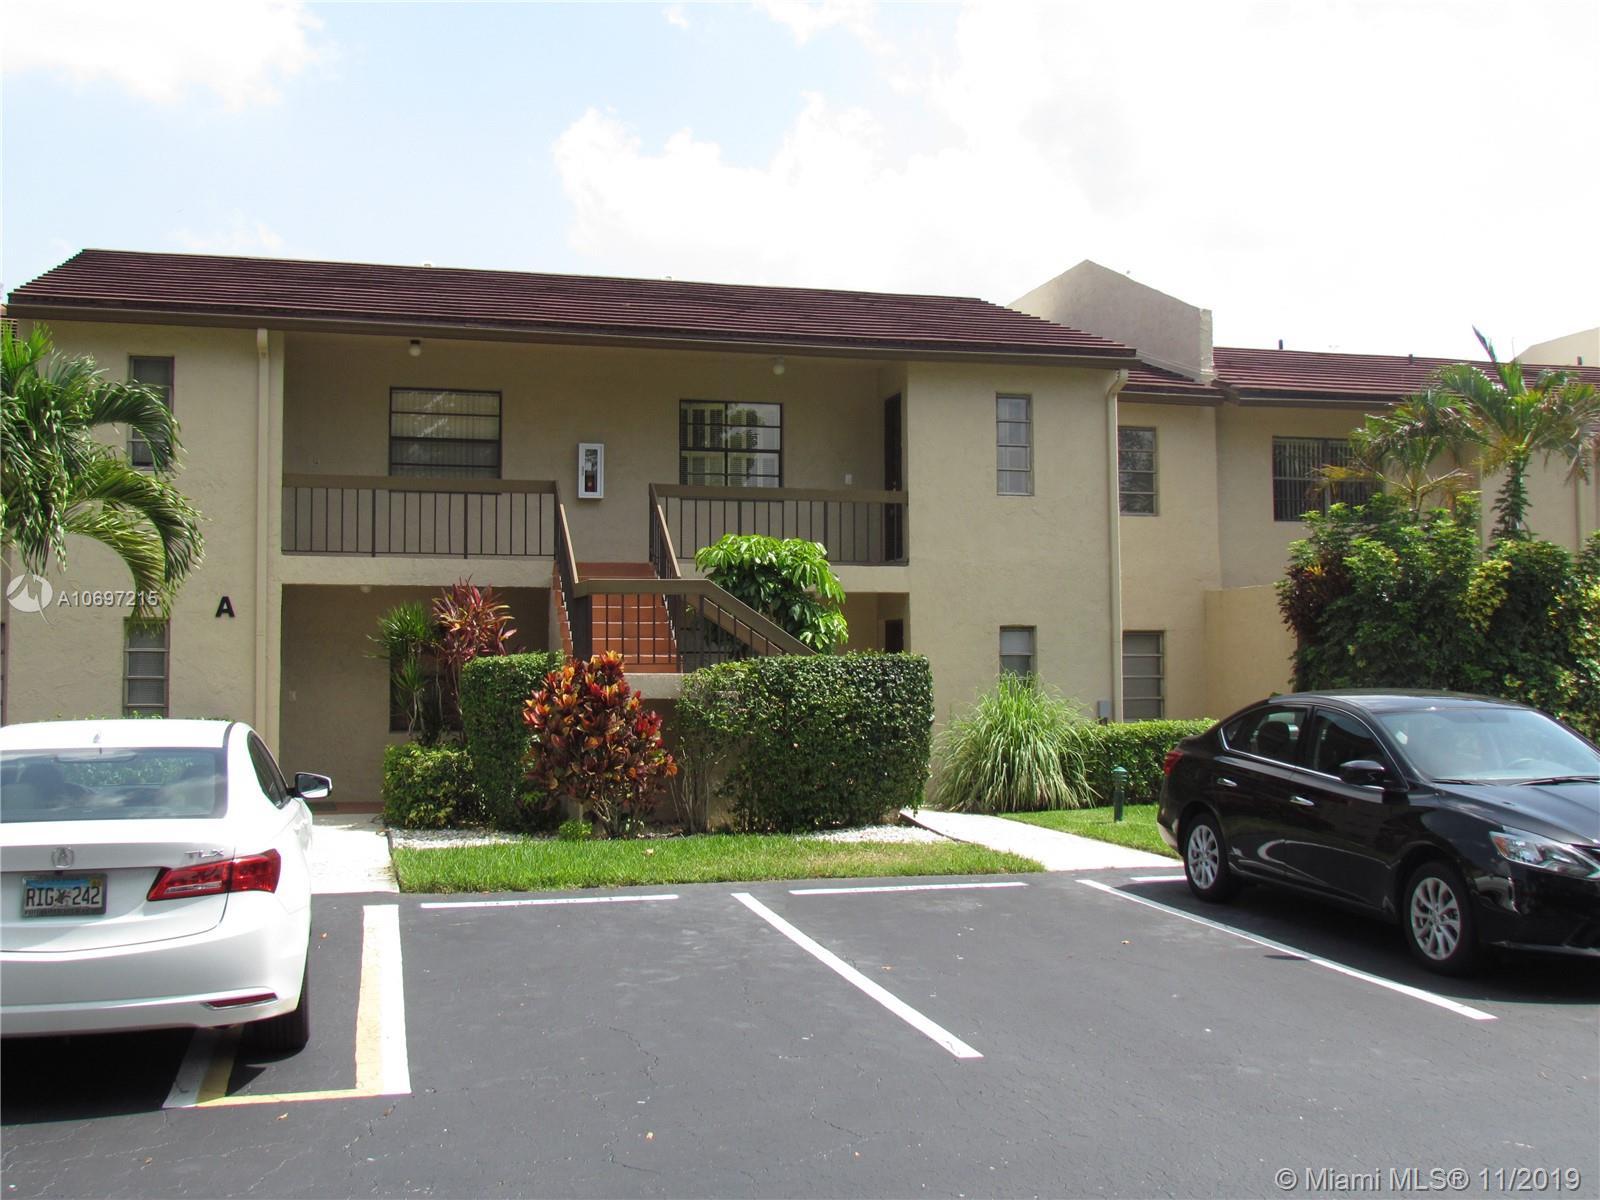 8425 Casa Del Lago 21-D, Boca Raton, FL 33433